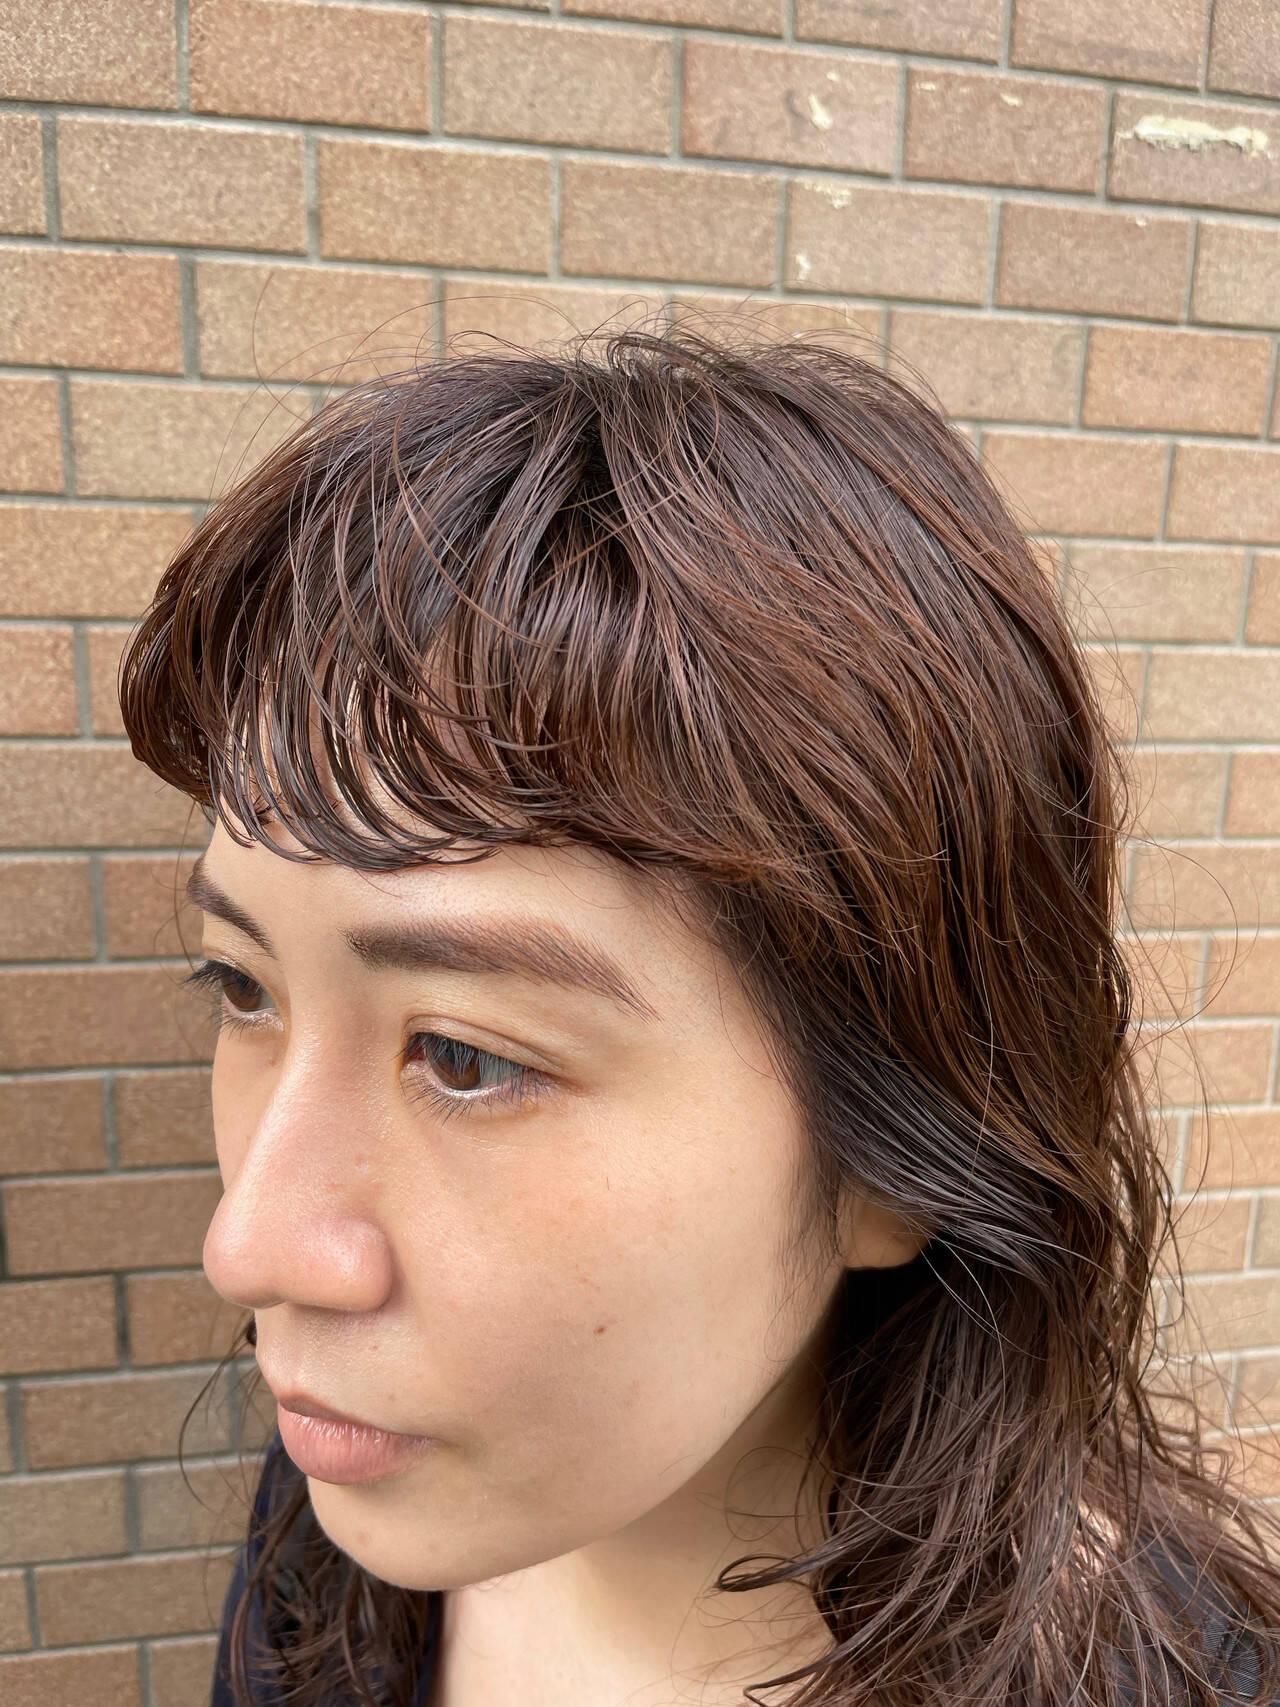 ナチュラル ゆるふわパーマ ウェーブヘア ロングヘアスタイルや髪型の写真・画像